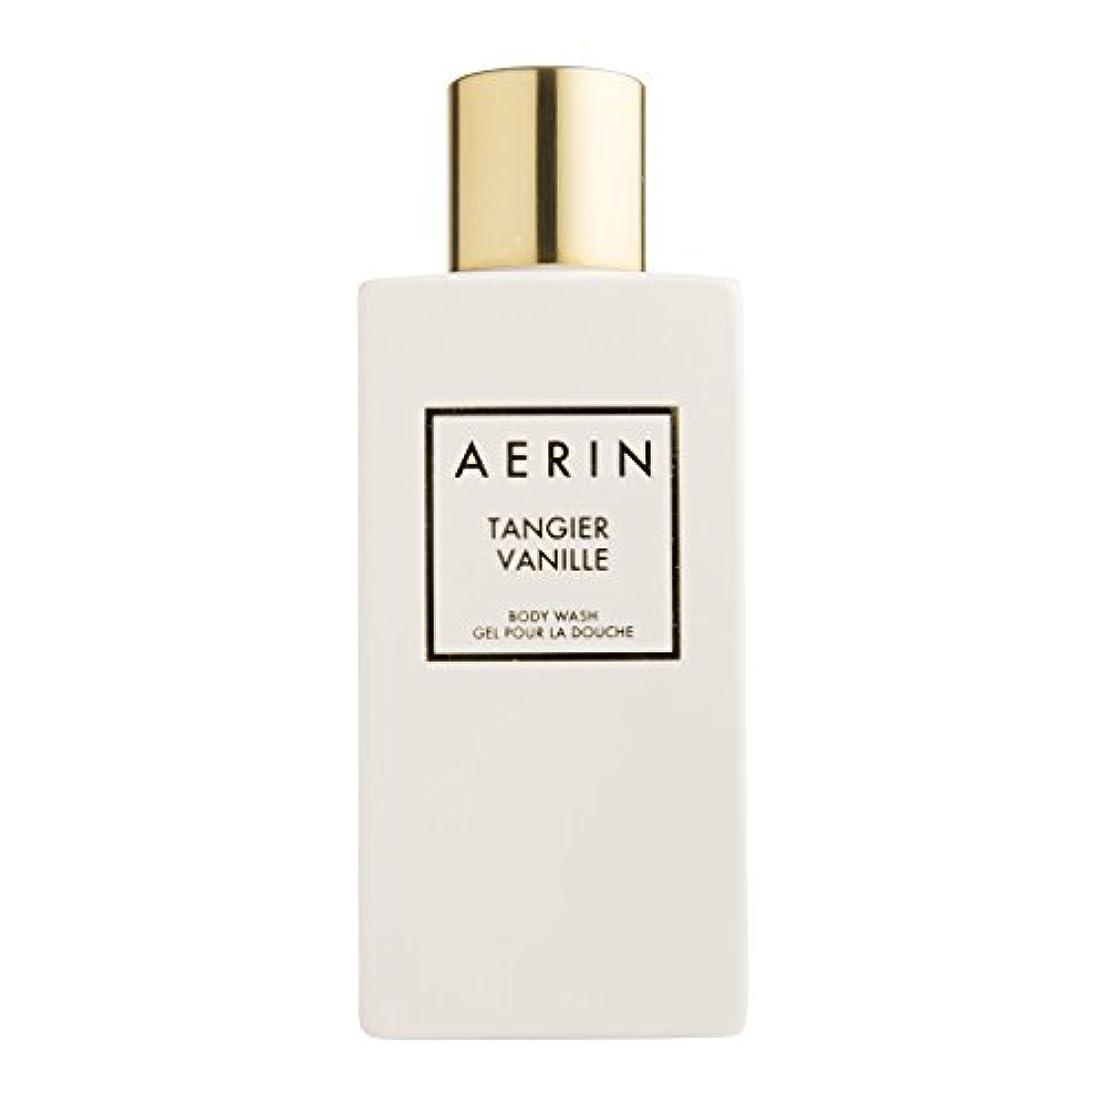 り枕しっかりAERIN Tangier Vanille (アエリン タンジヤー バニール) 7.6 oz (228ml) Body Wash ボディーウオッシュ by Estee Lauder for Women